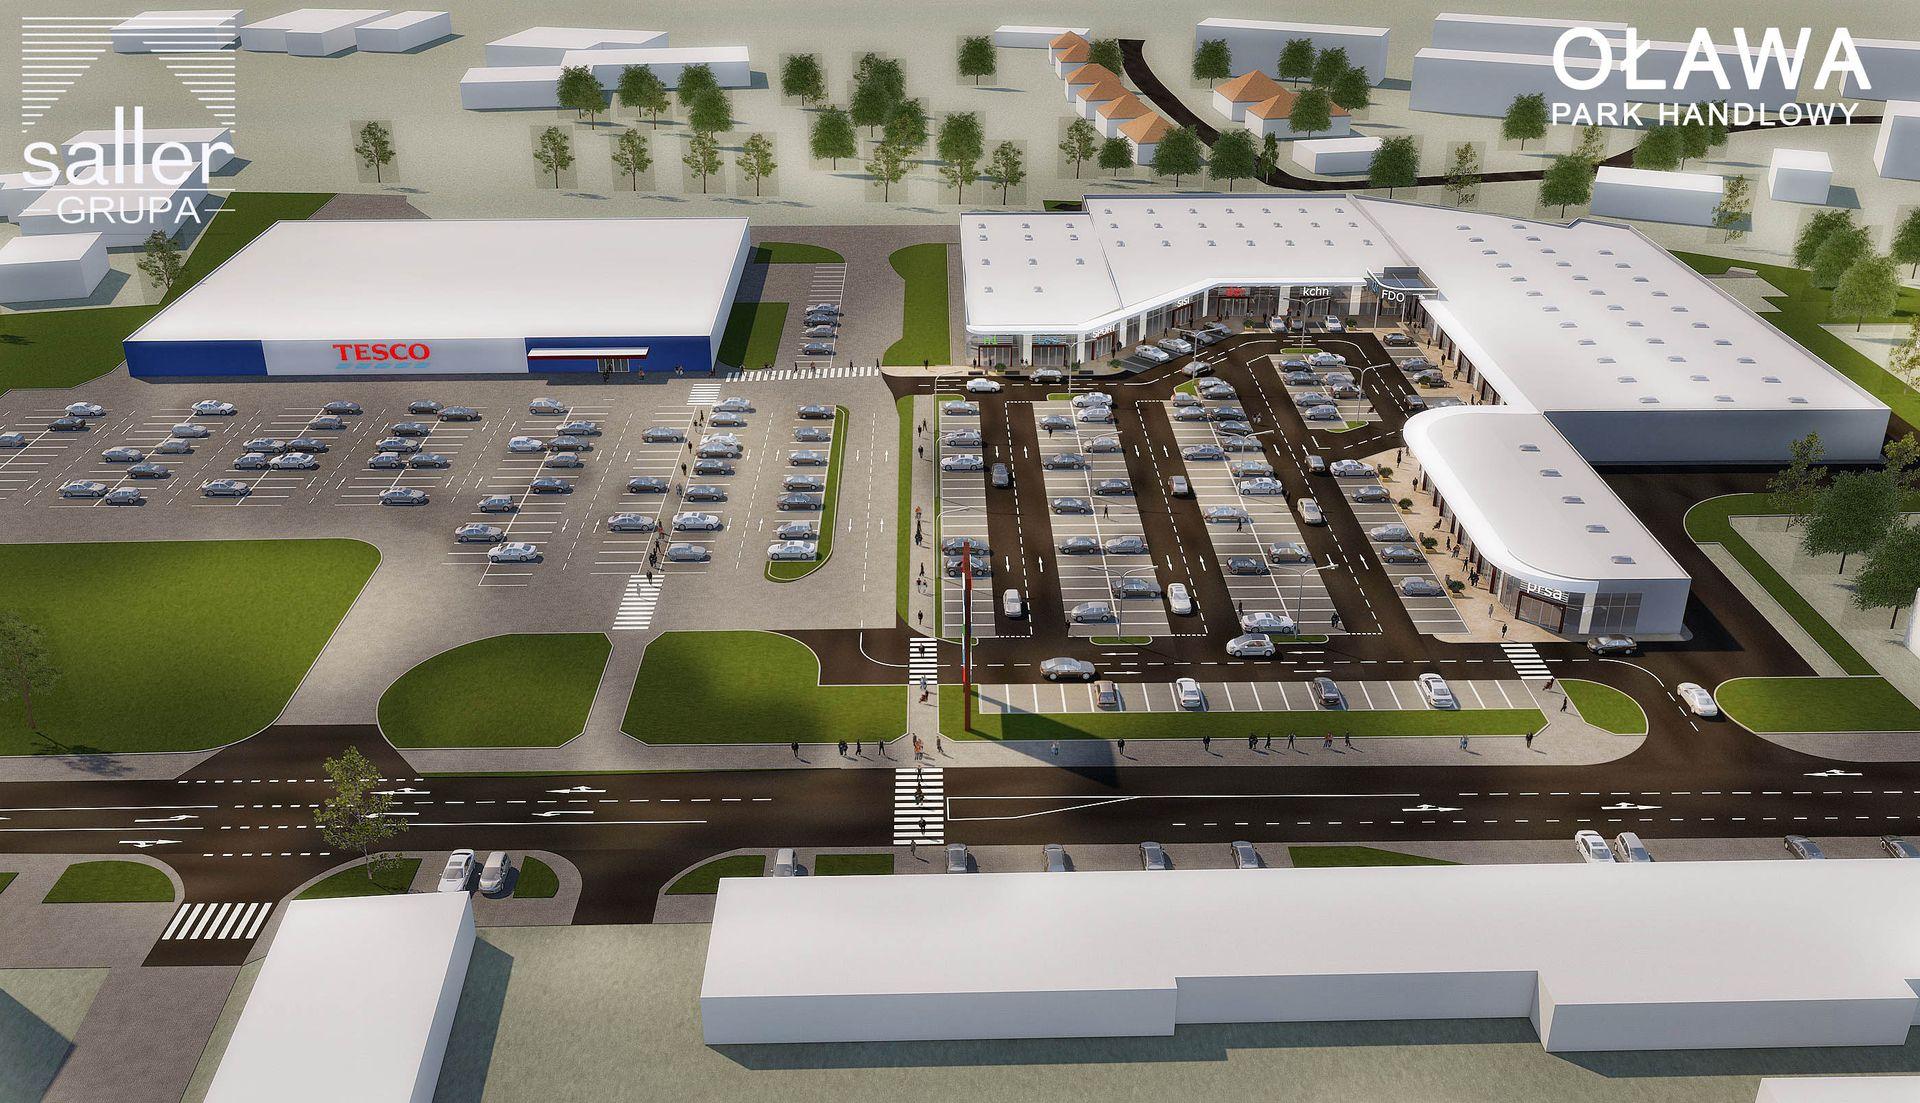 [Dolny Śląsk] Nowy park handlowy w Oławie. Ma być gotowy w przyszłym roku